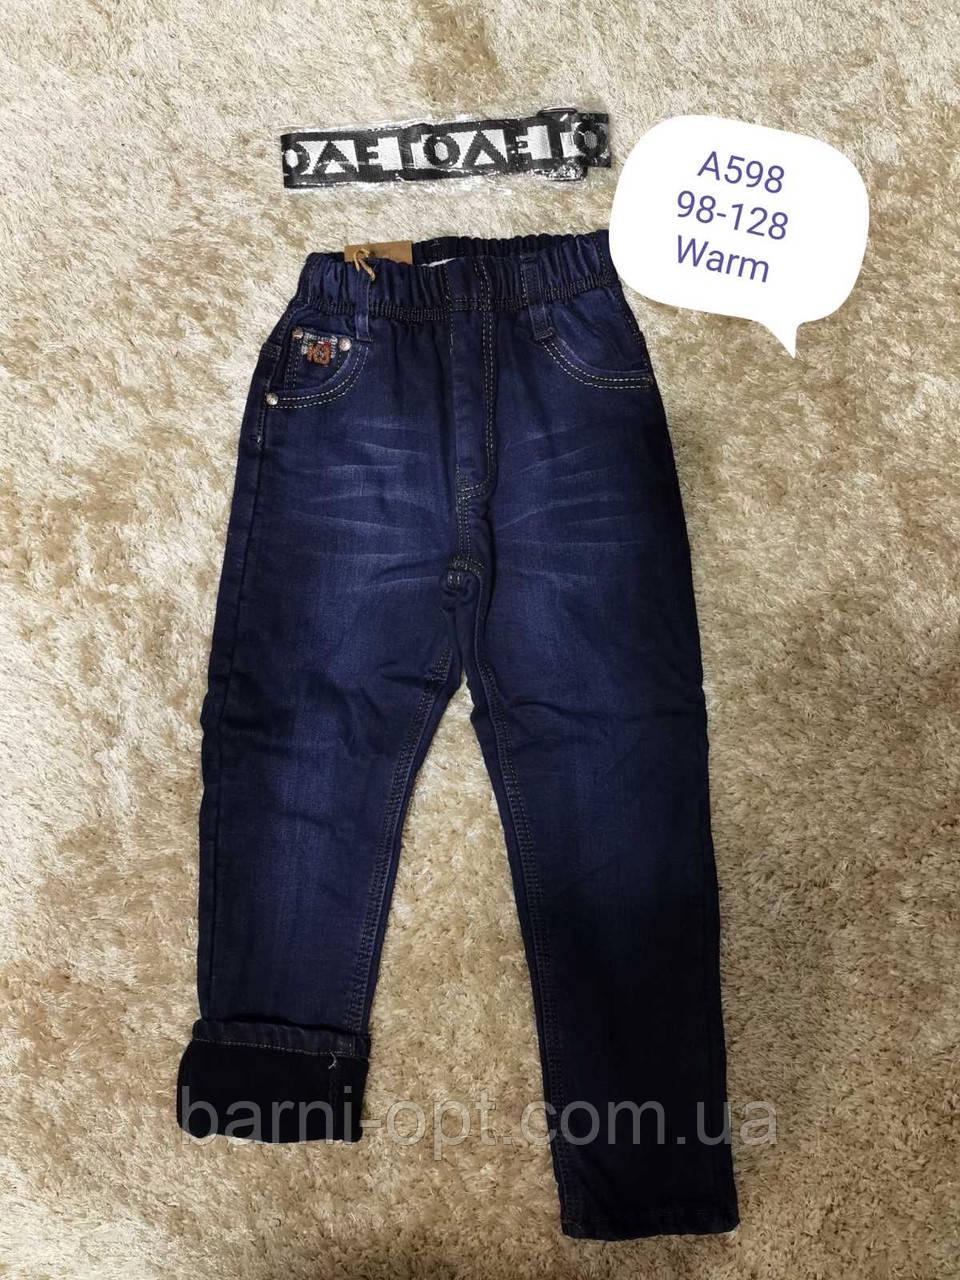 Утеплені джинсові штани для хлопчиків оптом, HL XIANG, 98-128 рр